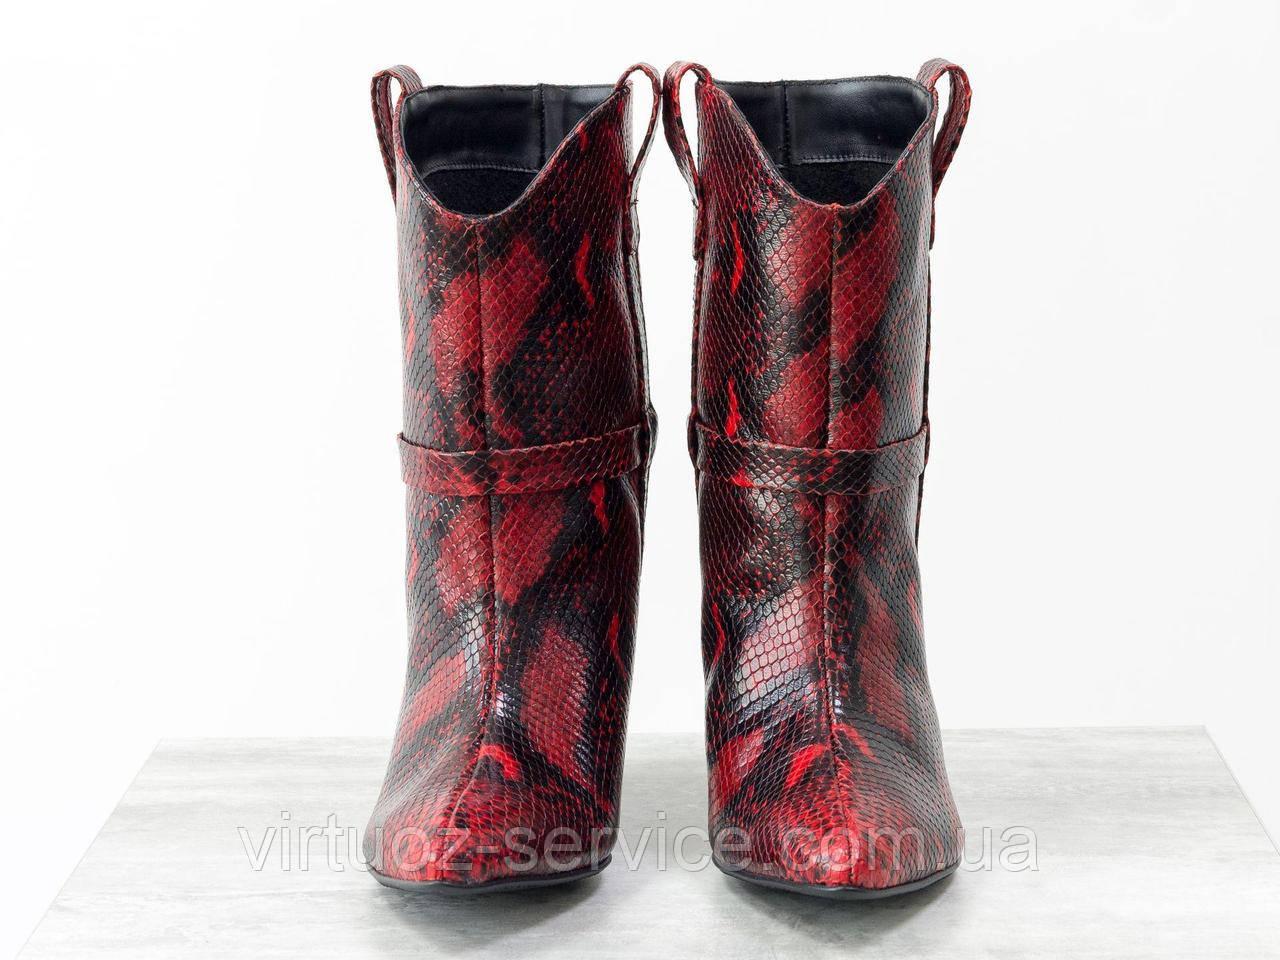 Ботинки женские Gino Figini Б-1902-11из натуральной кожи 38 Красный